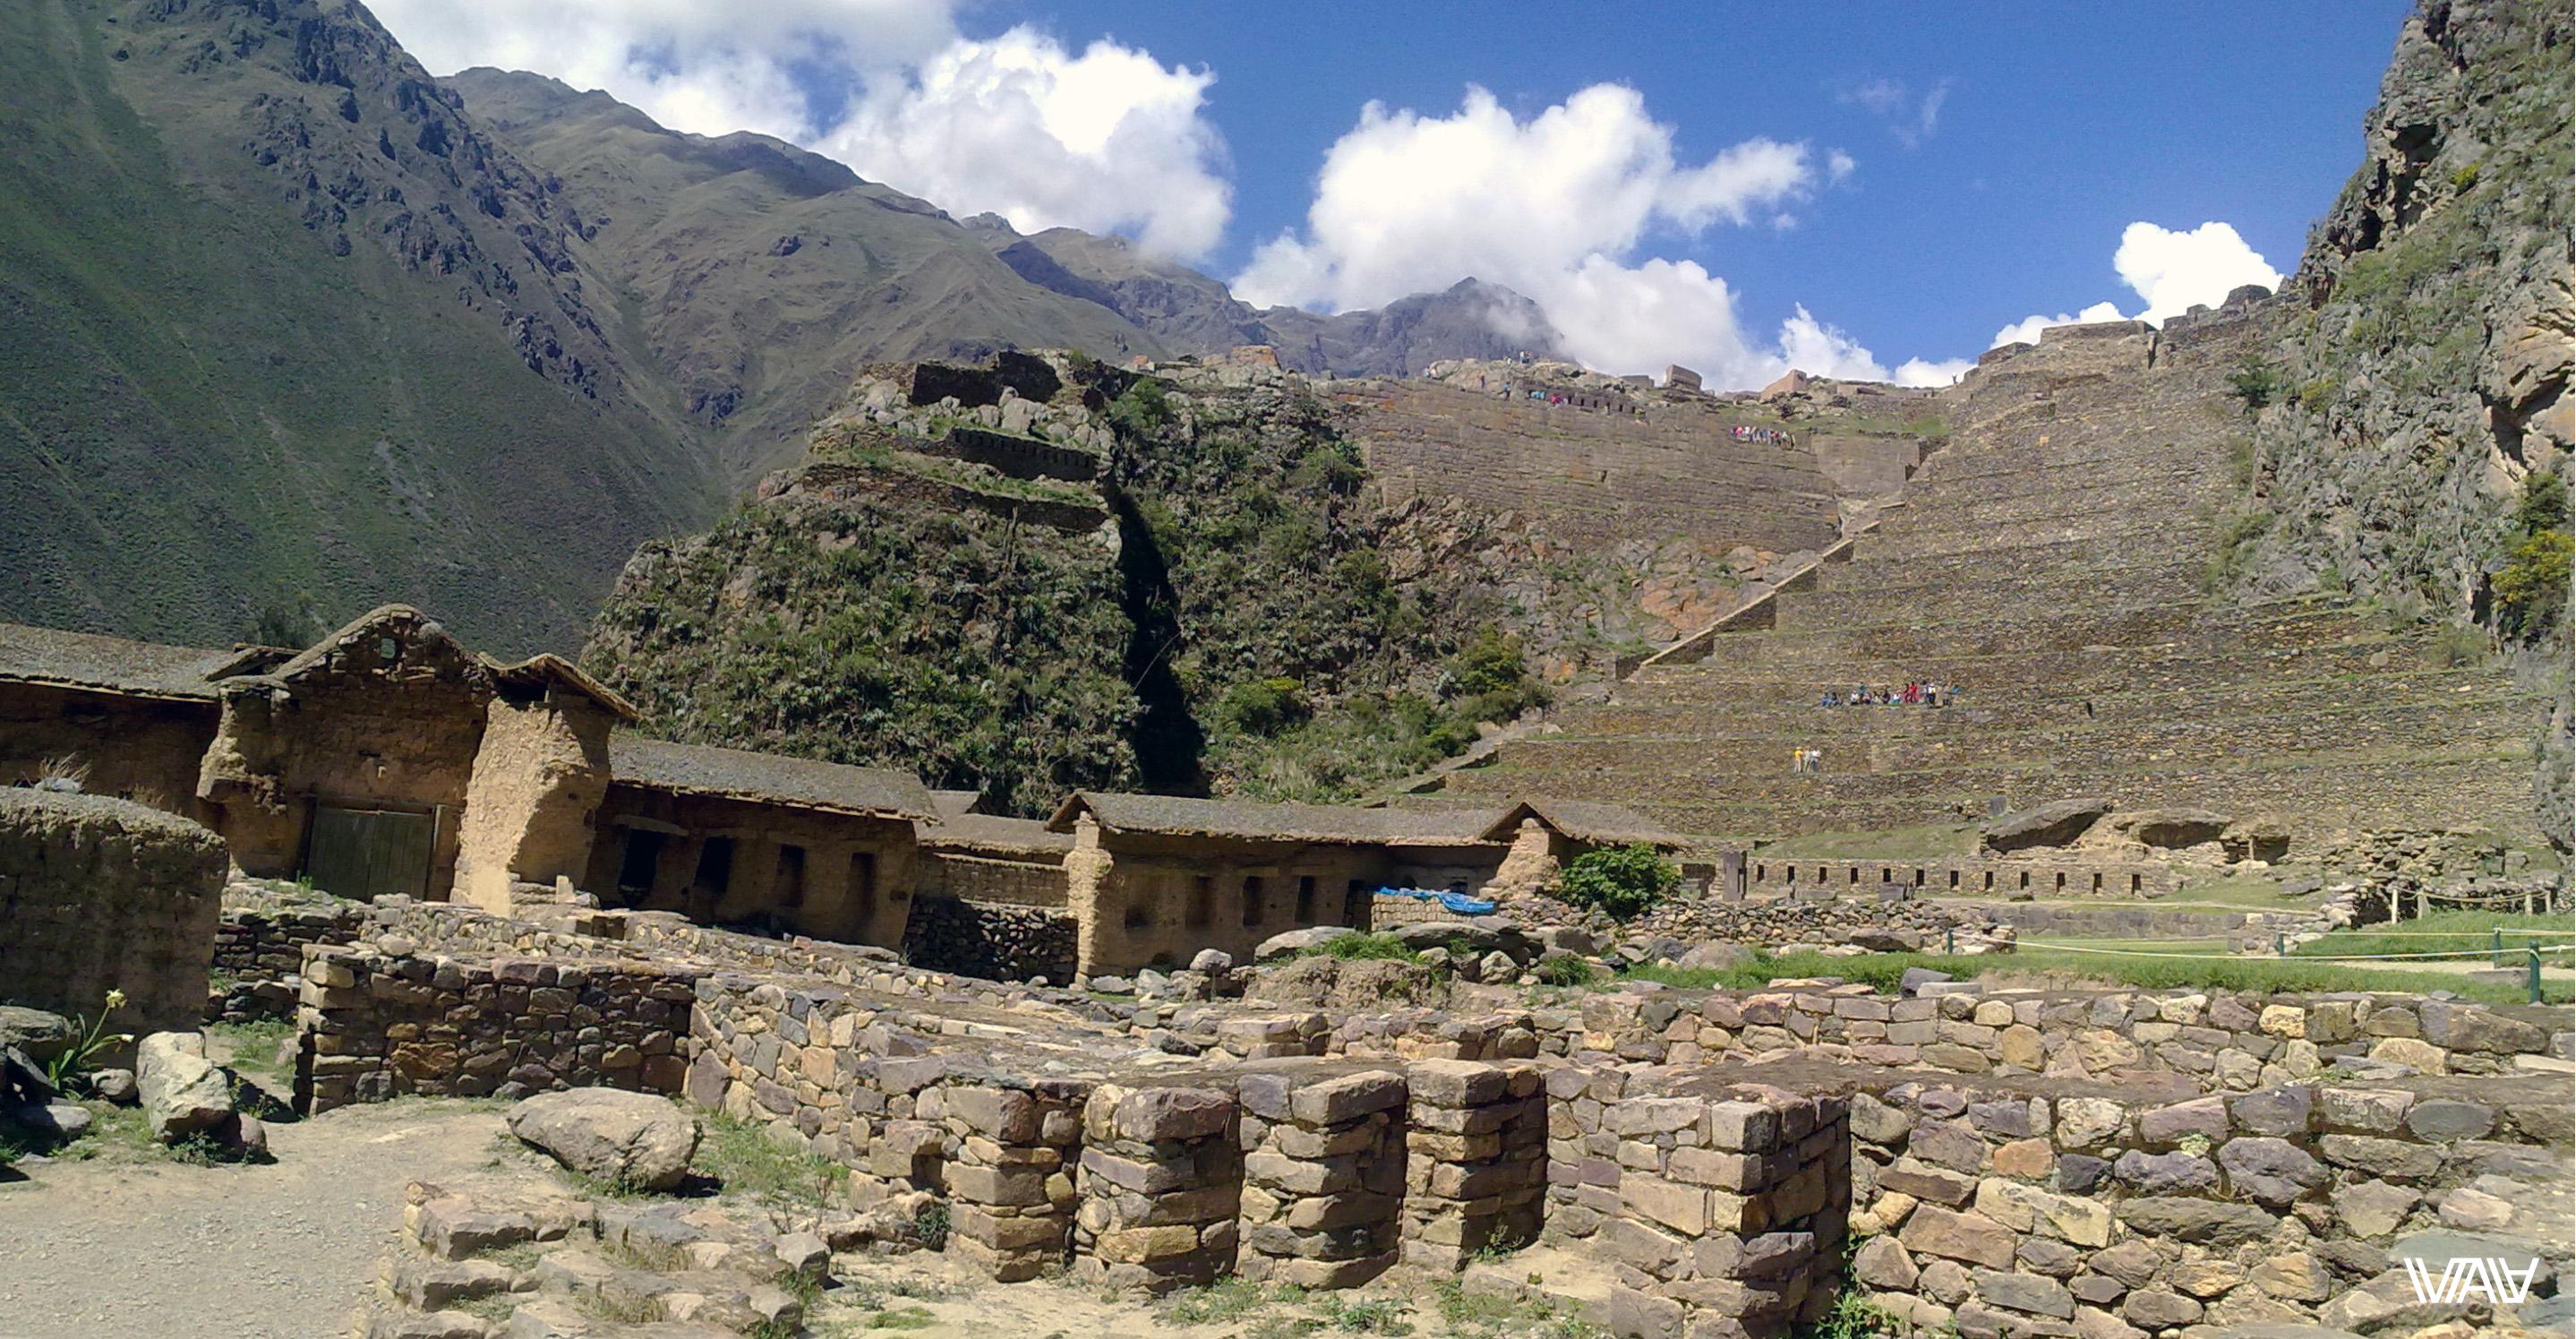 Прямо вид из центра древнего города инков с видом на террасы и горы. Ойантайтамбо, Перу